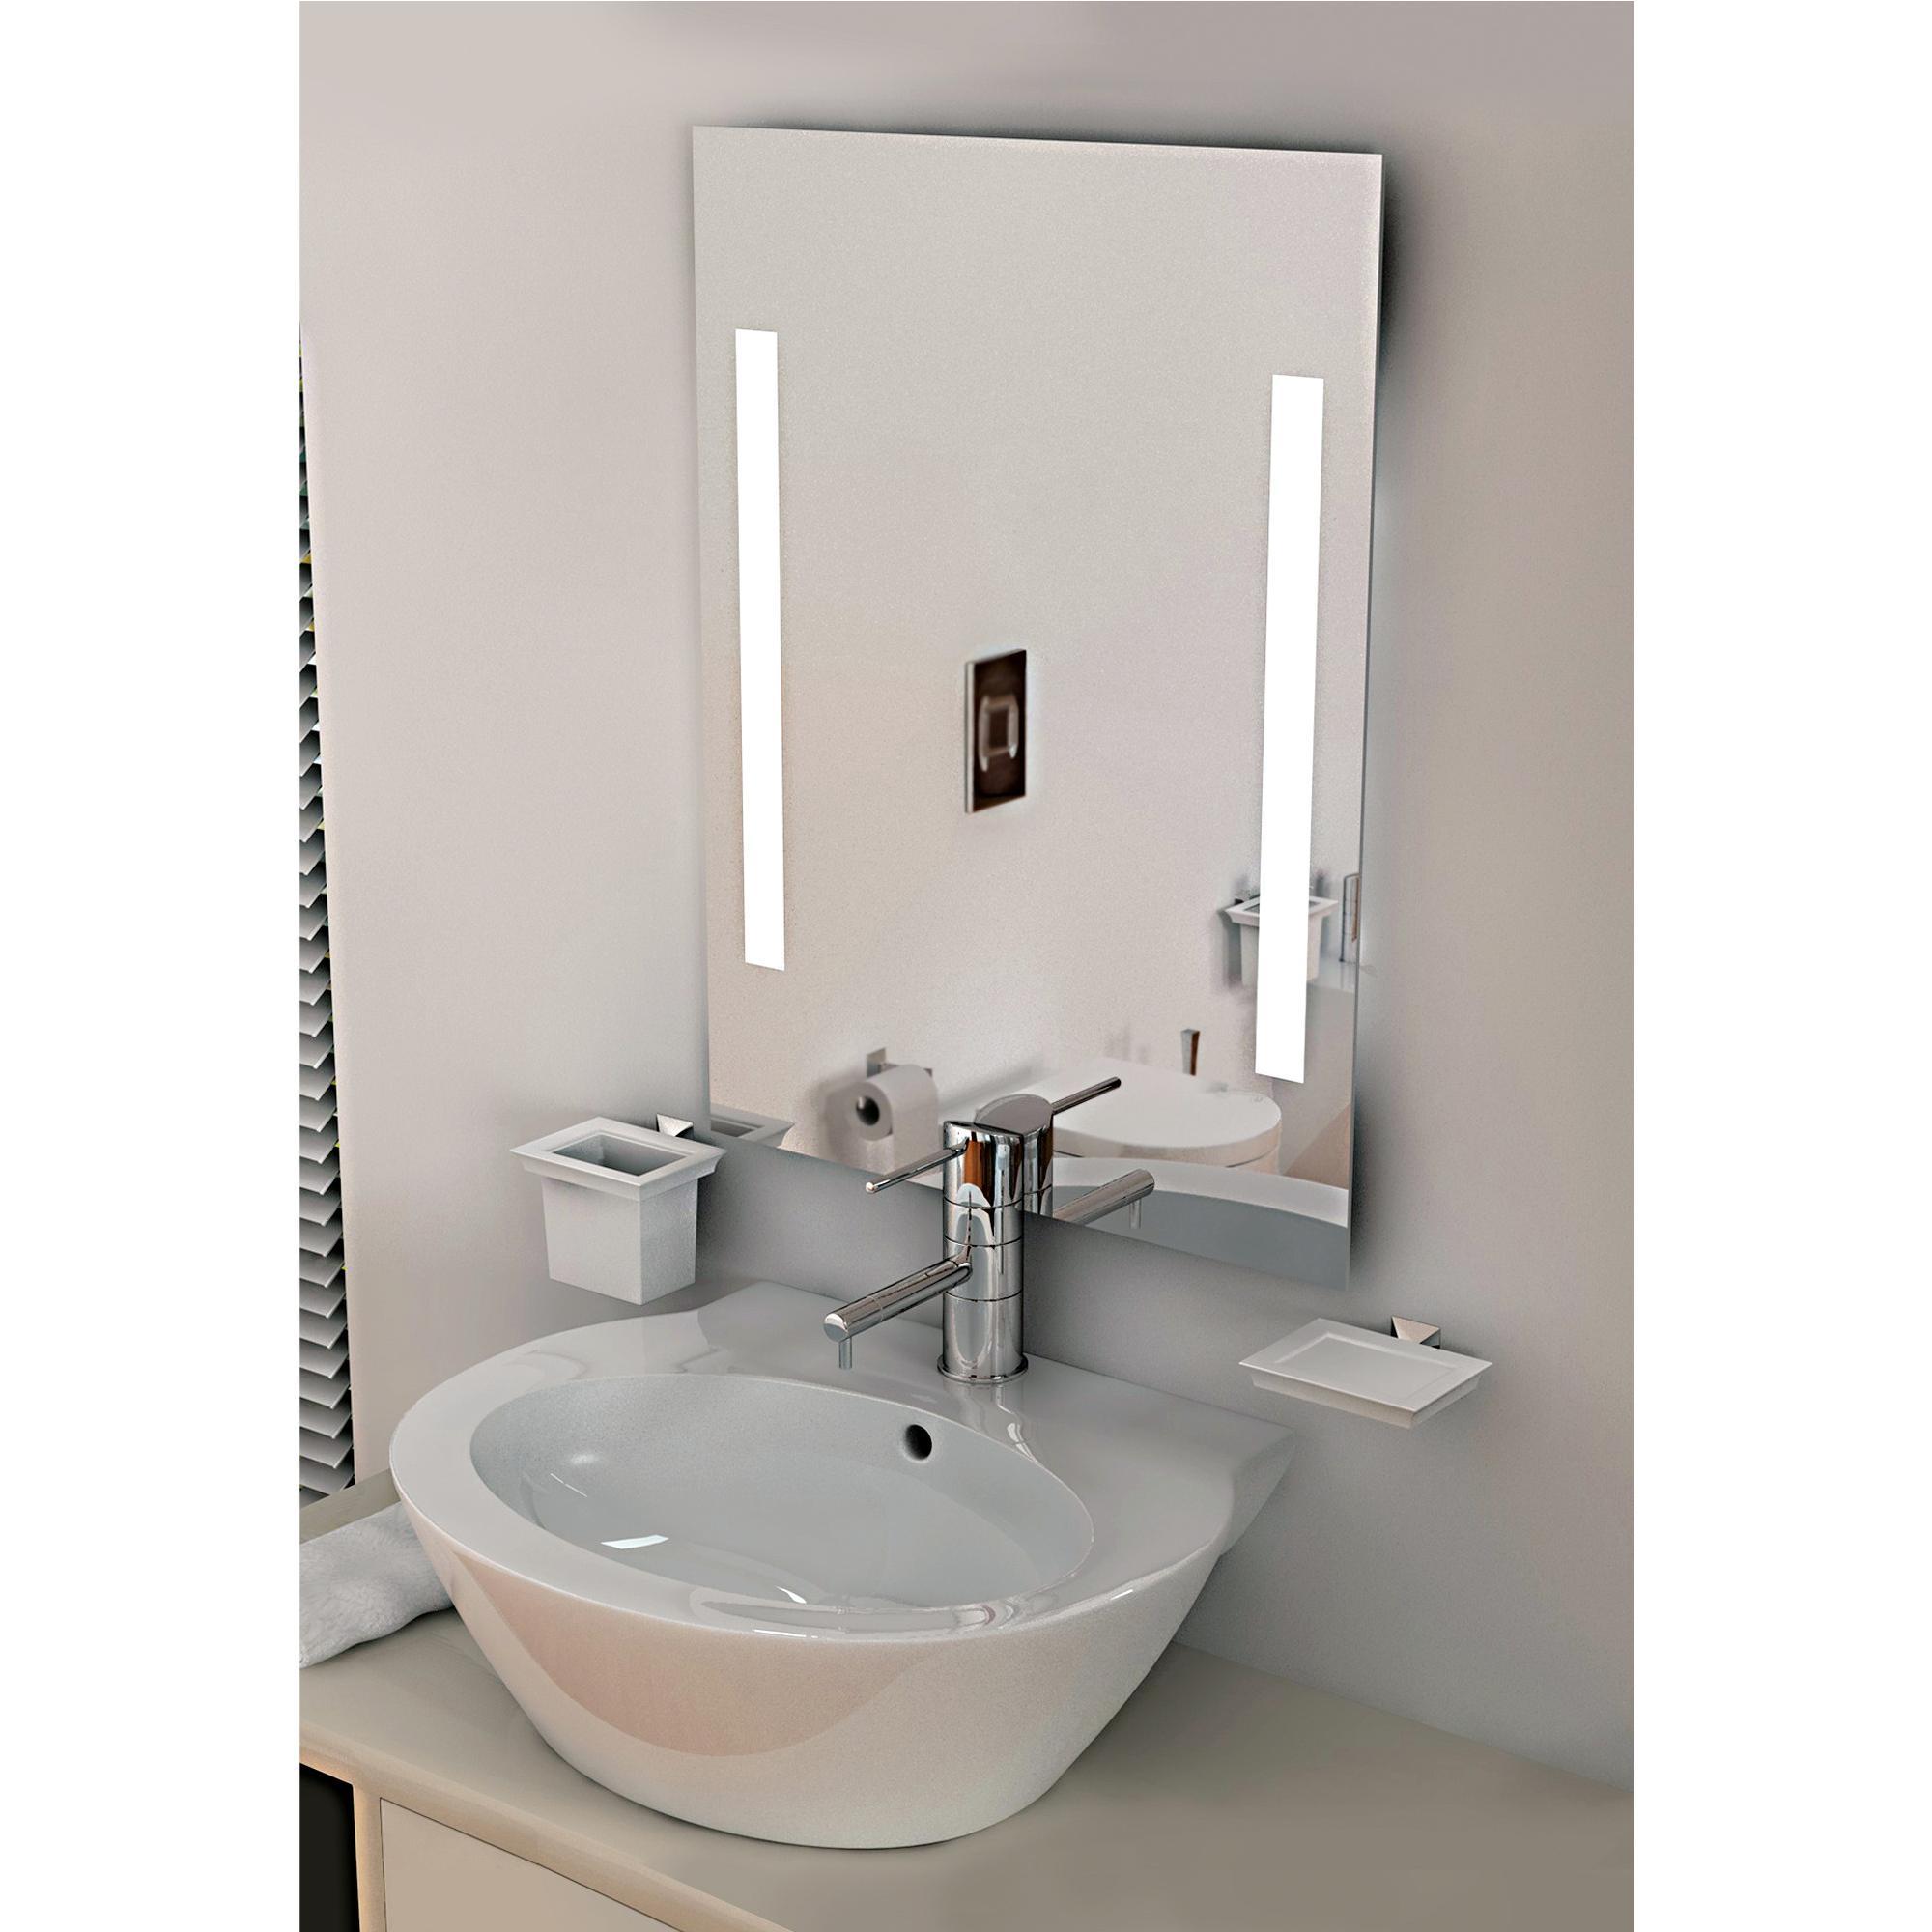 Specchi da bagno con due luci a led 90x60x0 4 cm spessore montaggio orizzontale verticale ibb - Specchi bagno con led ...